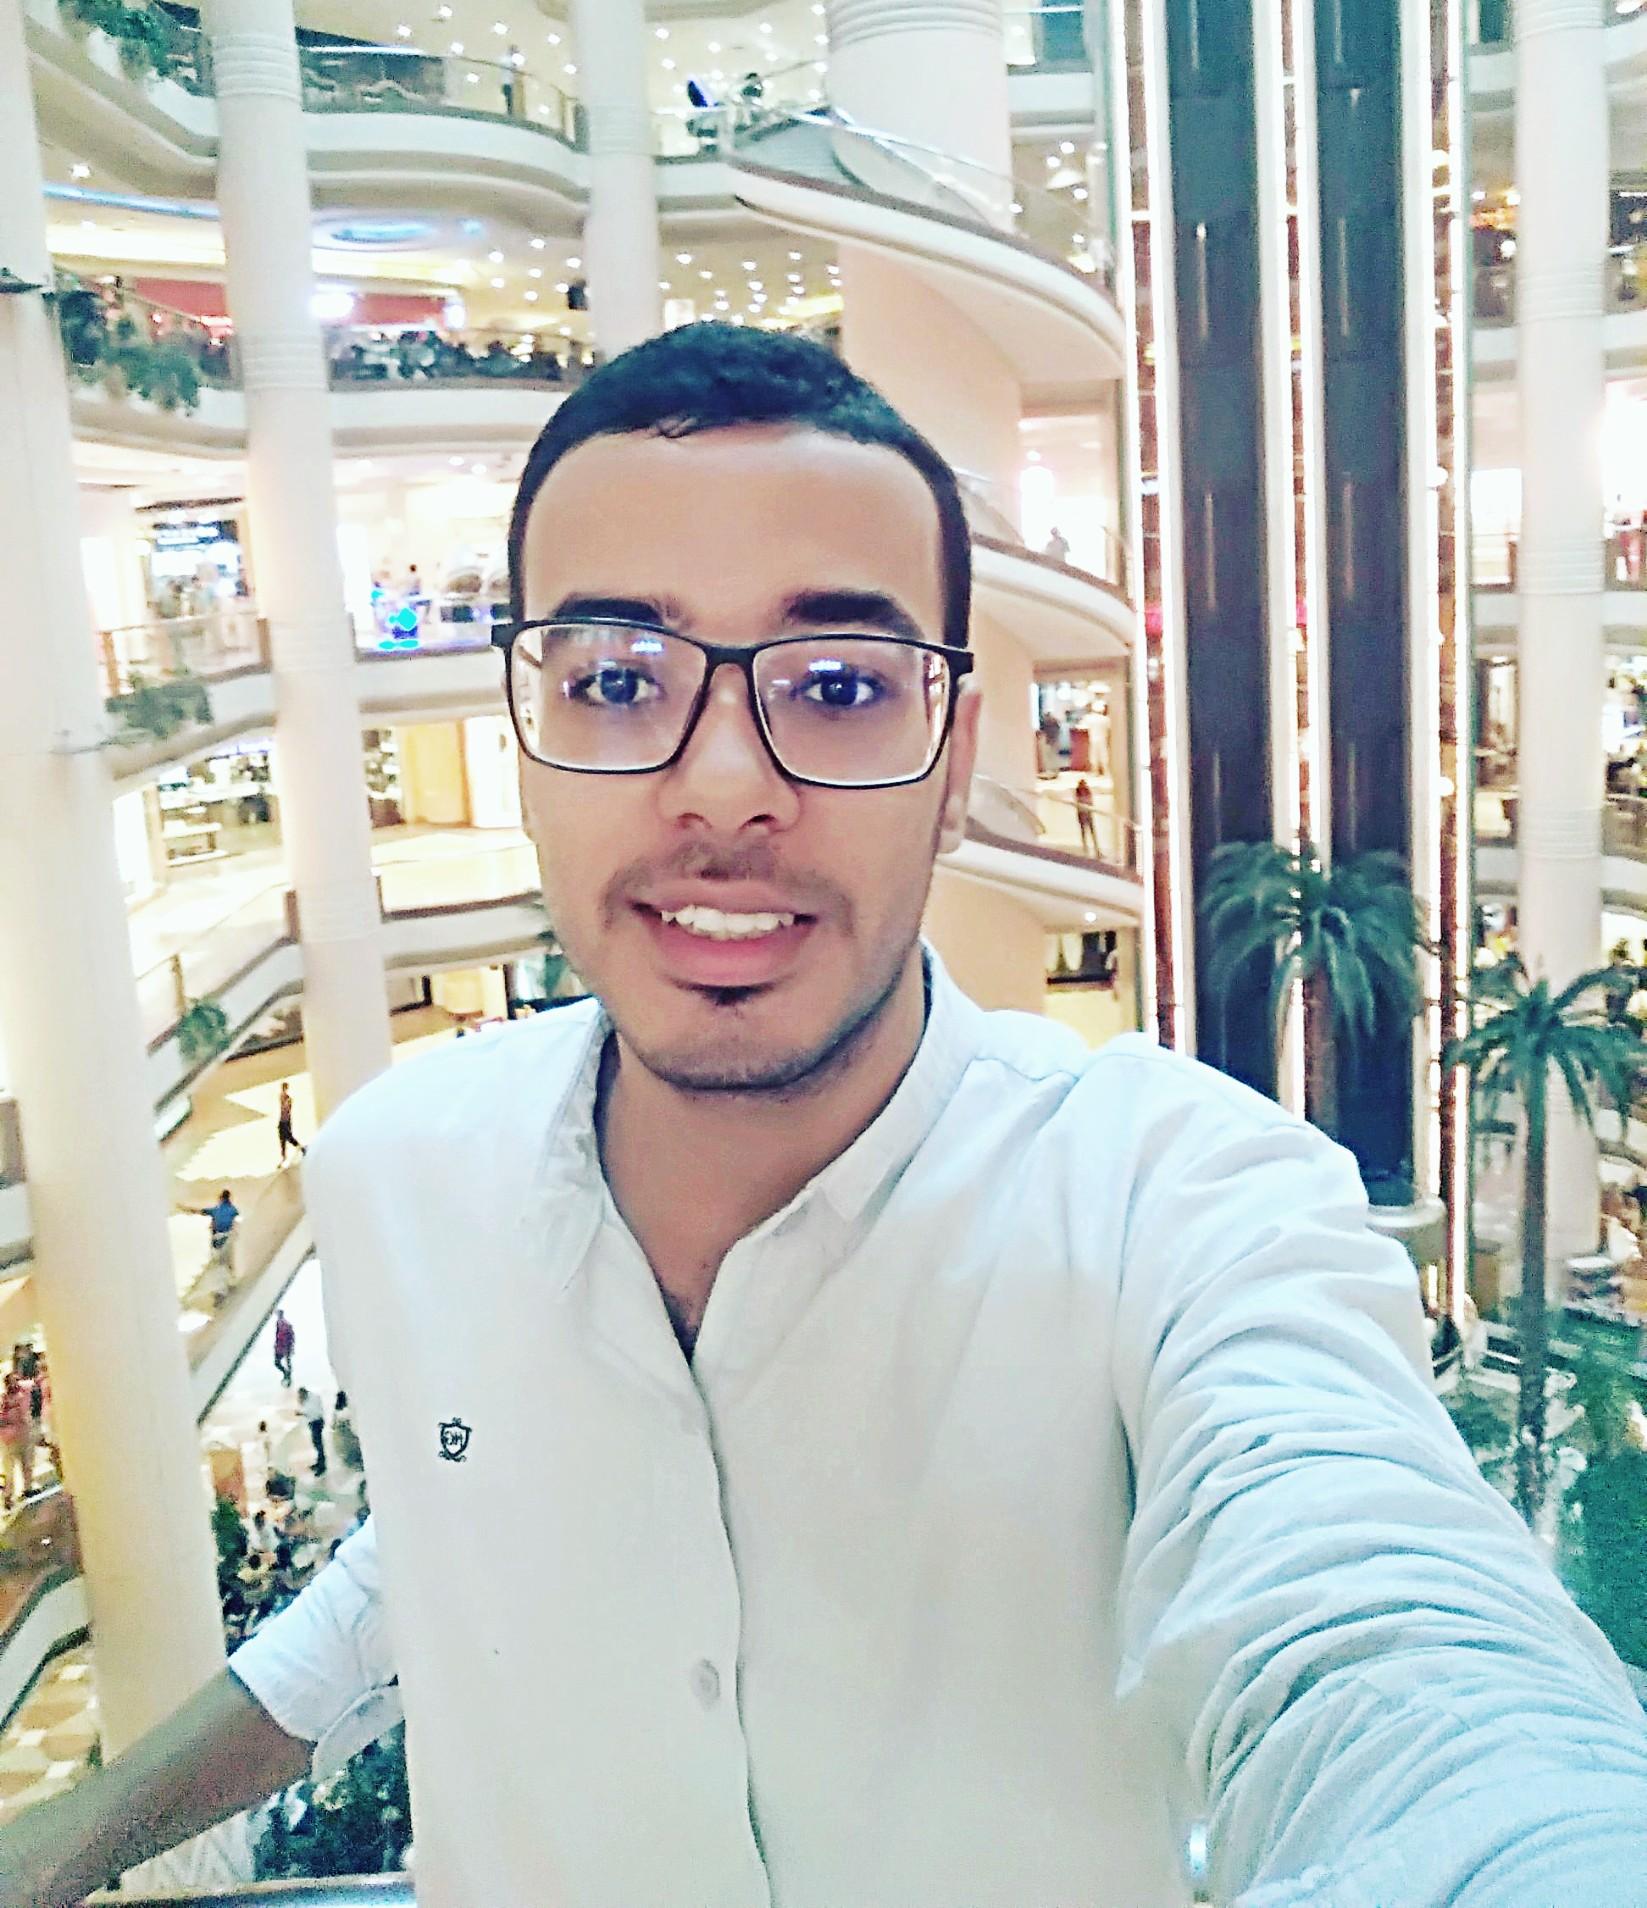 Amr El sherpiny